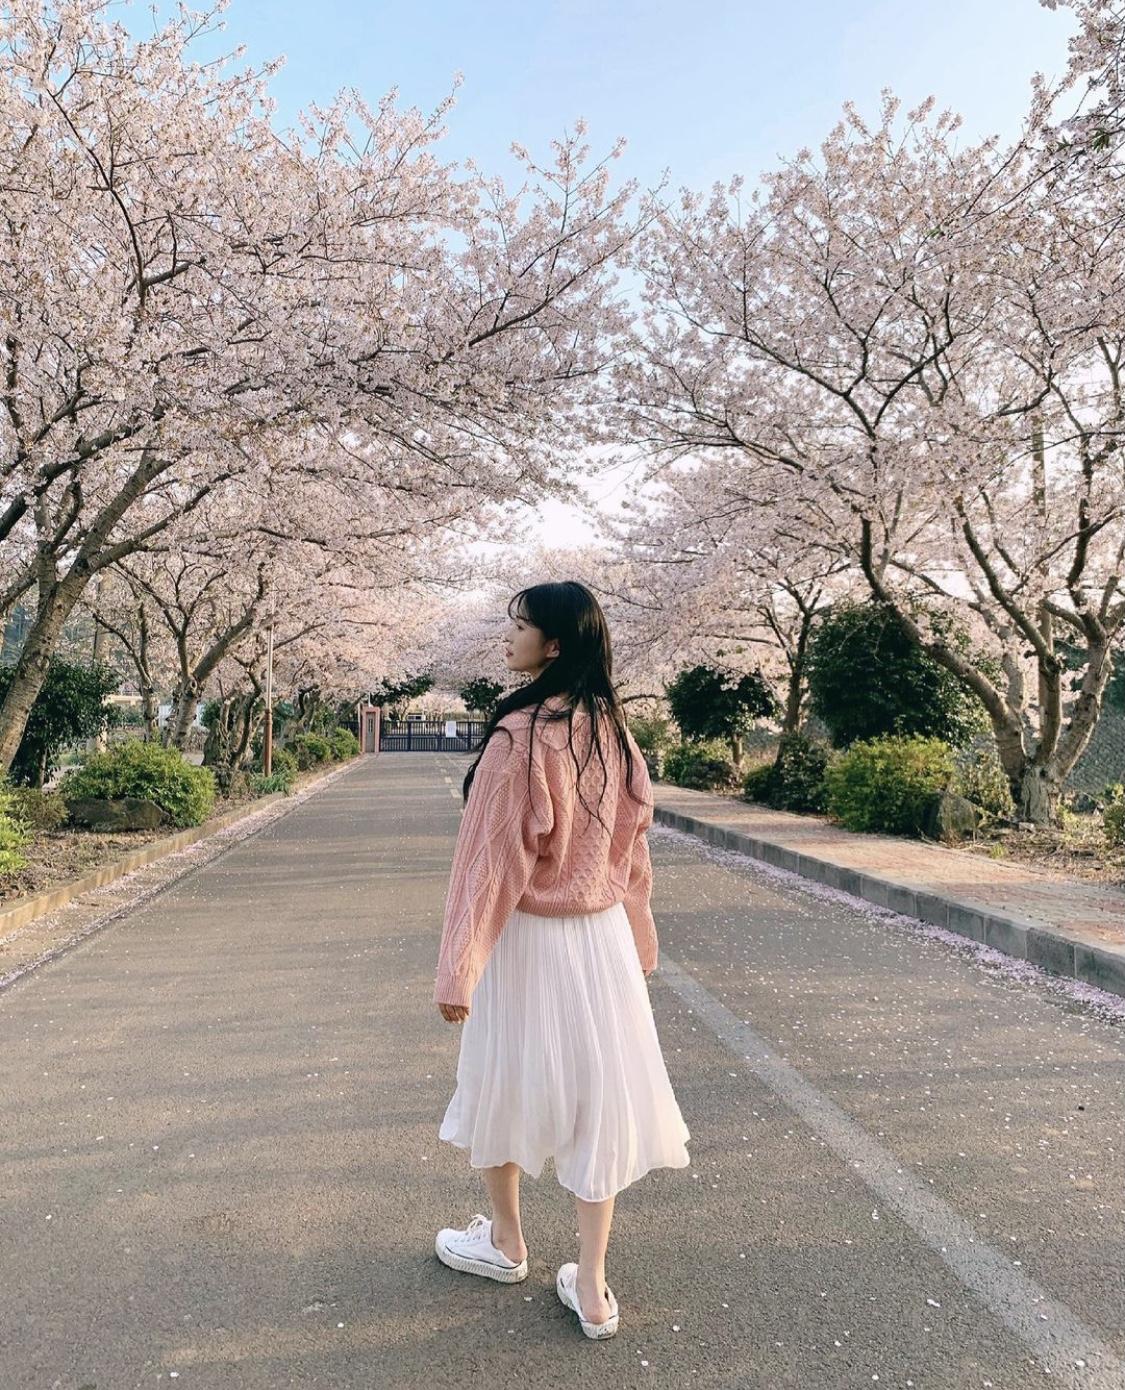 桜ショット 後ろ姿